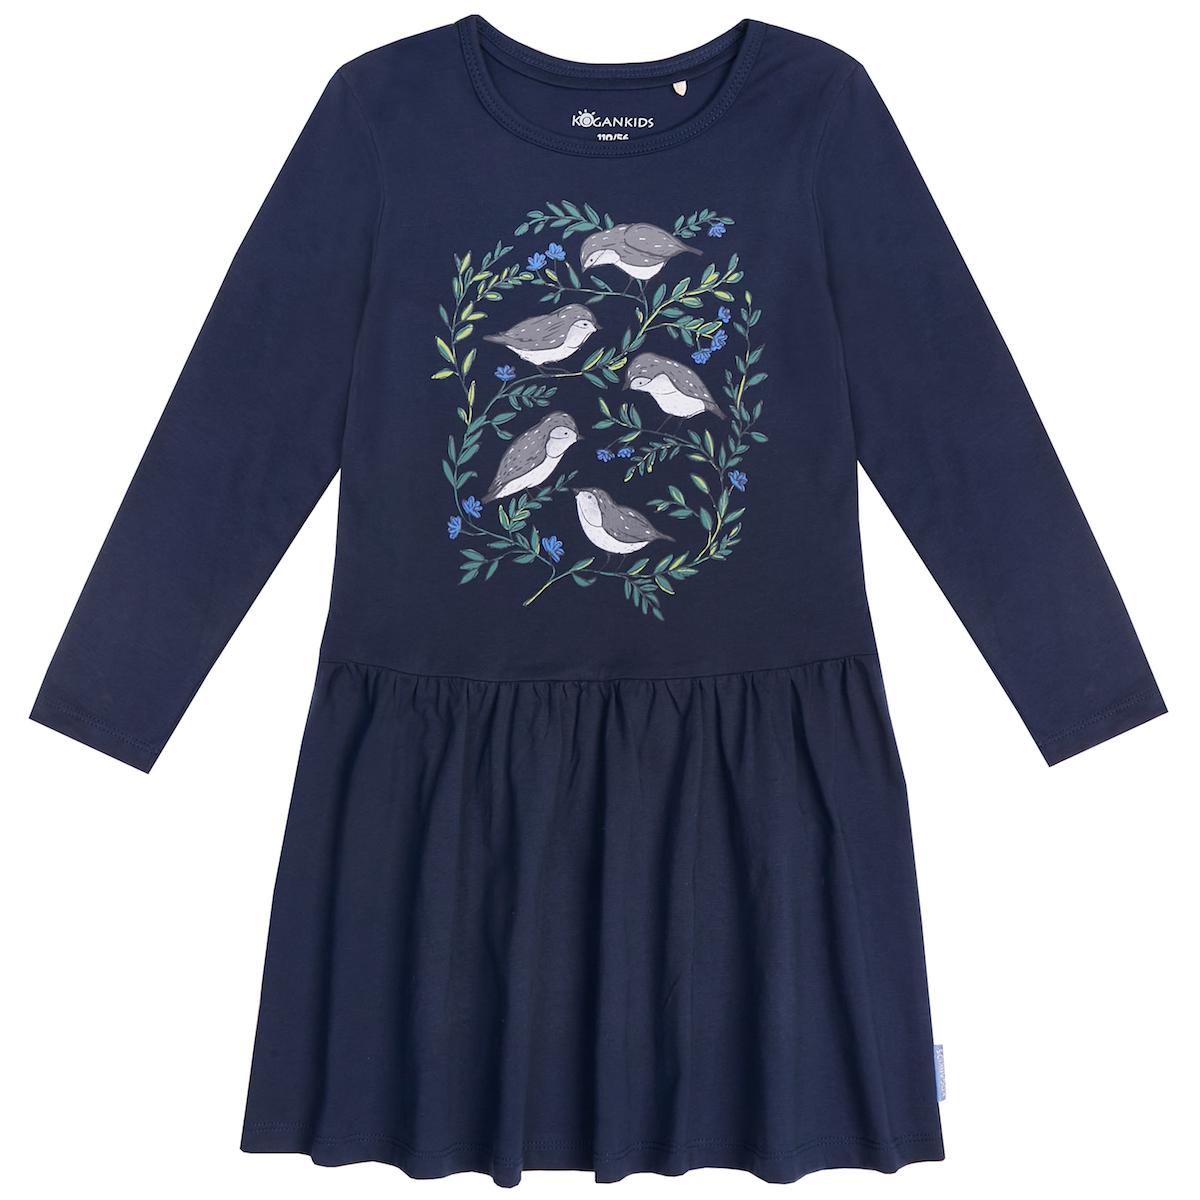 Тёмно-синее платье для девочки с птицами